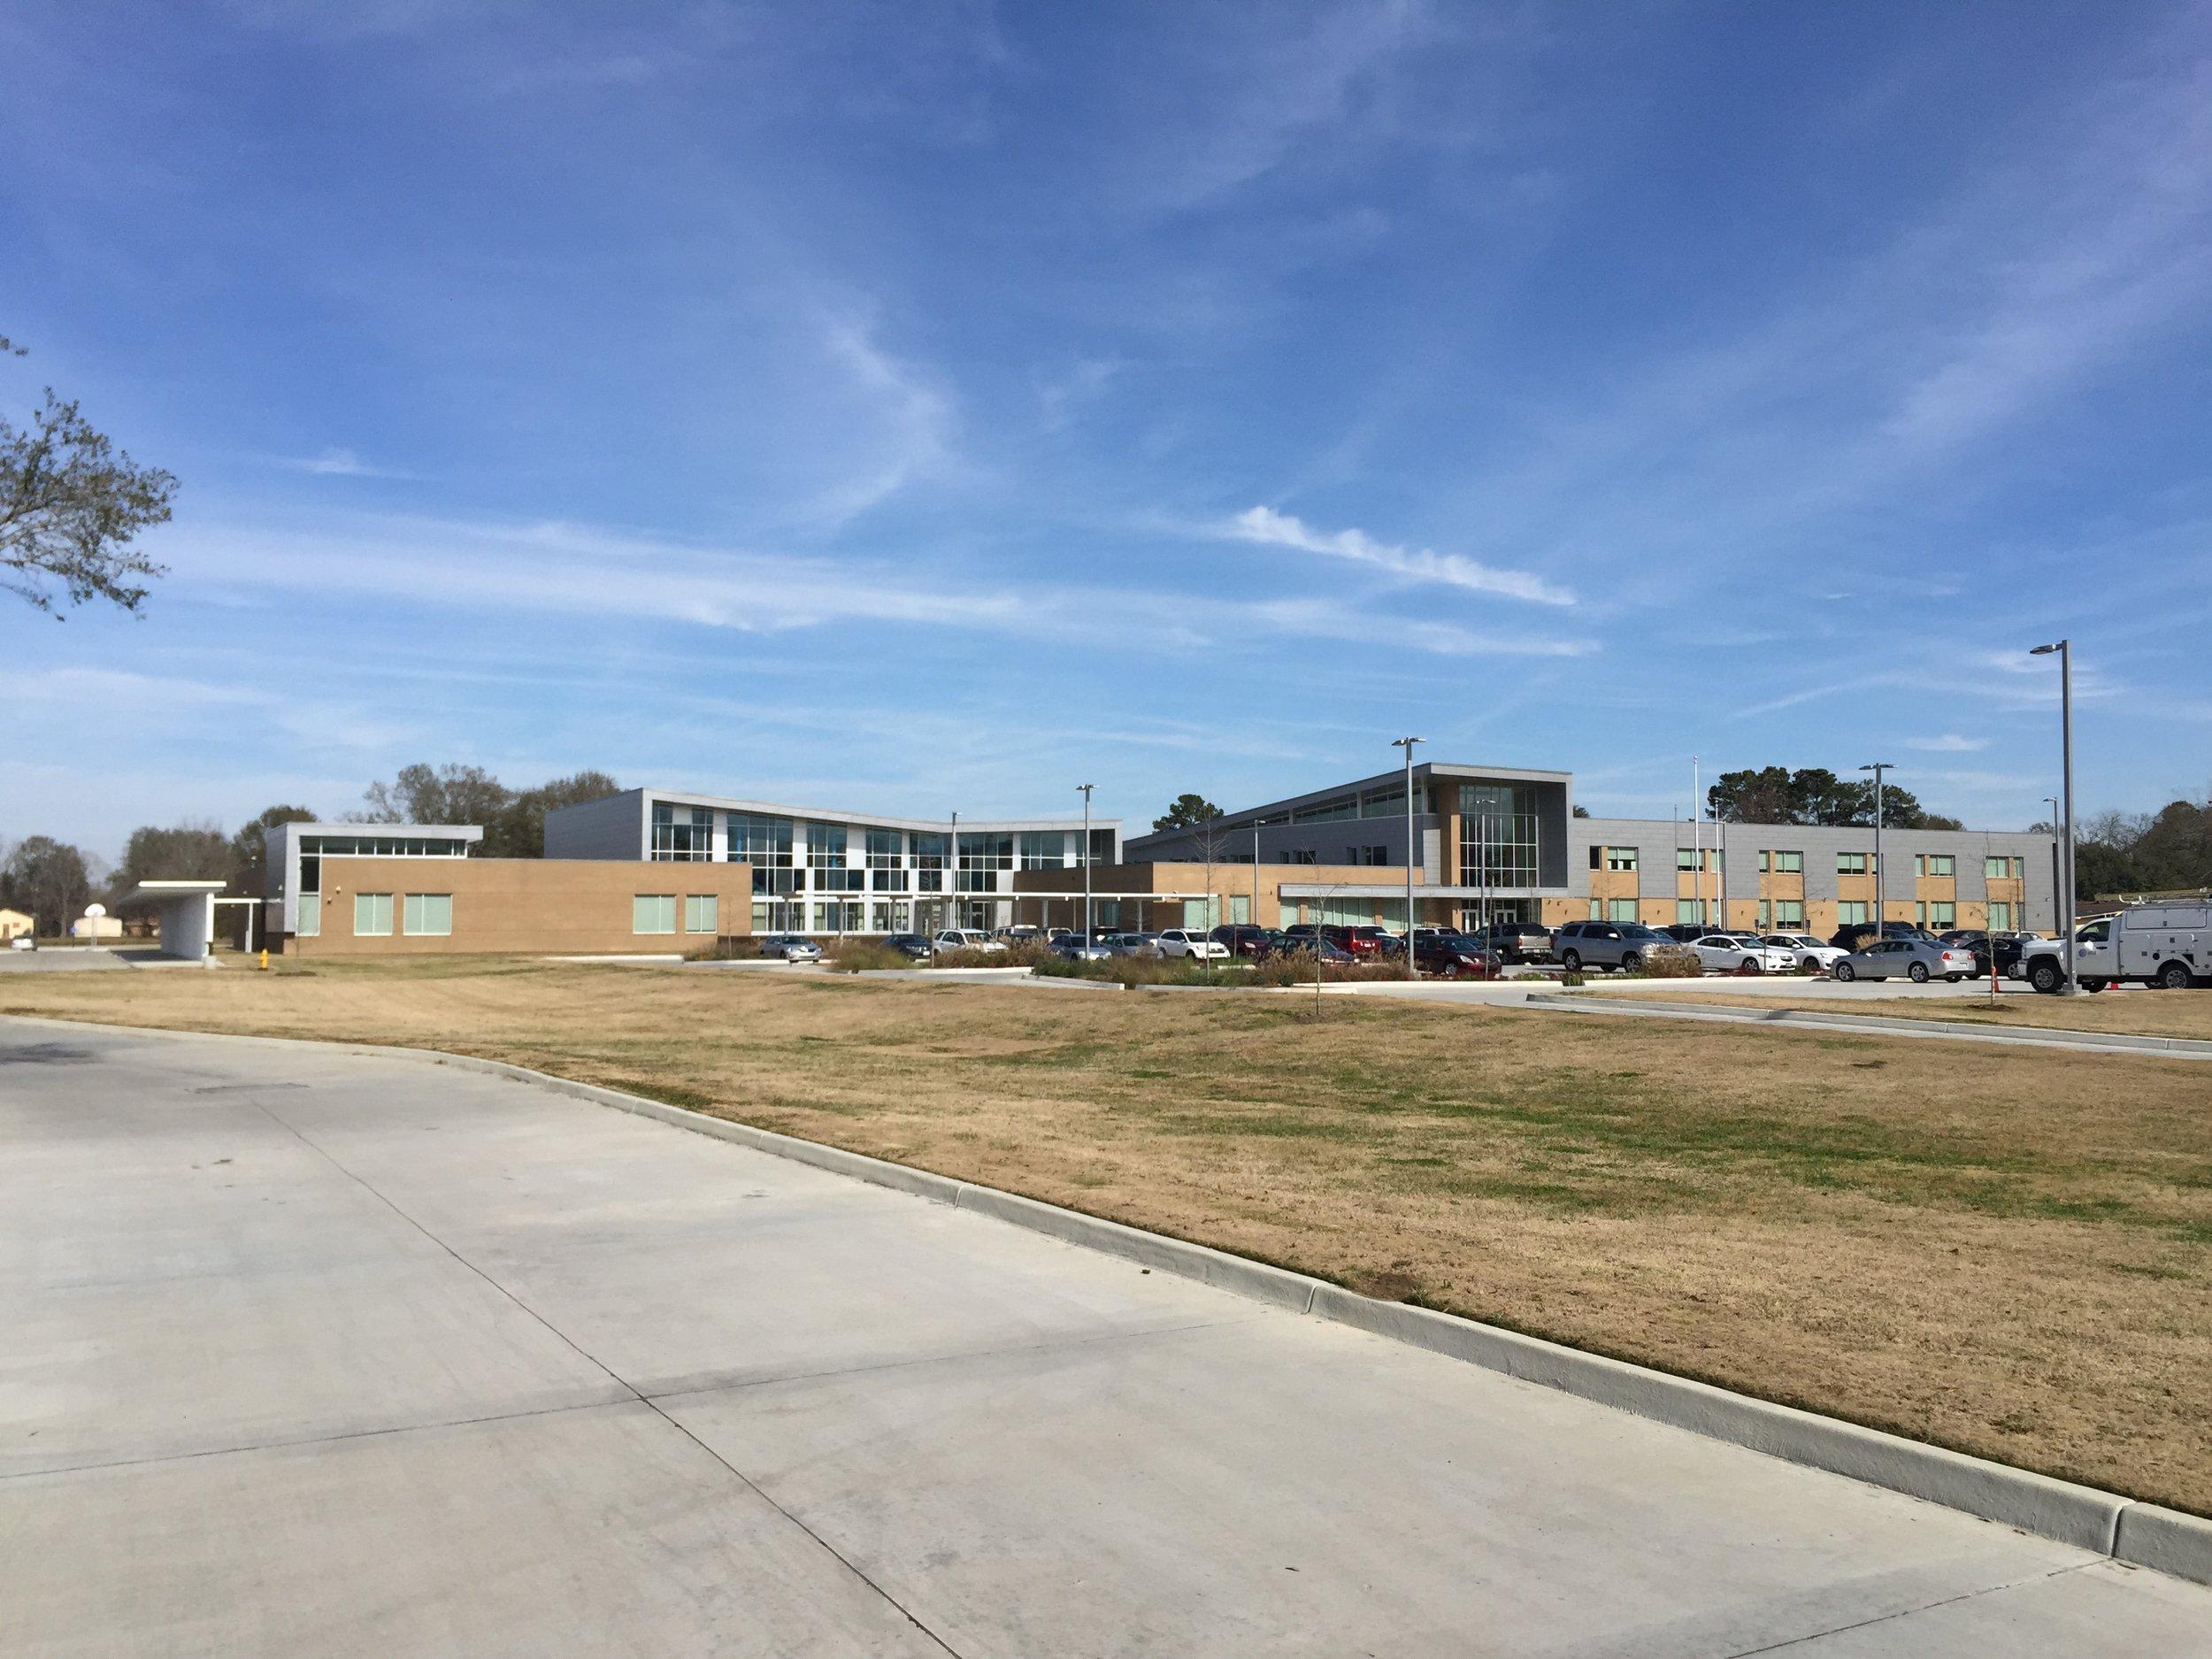 Progress Elementary School